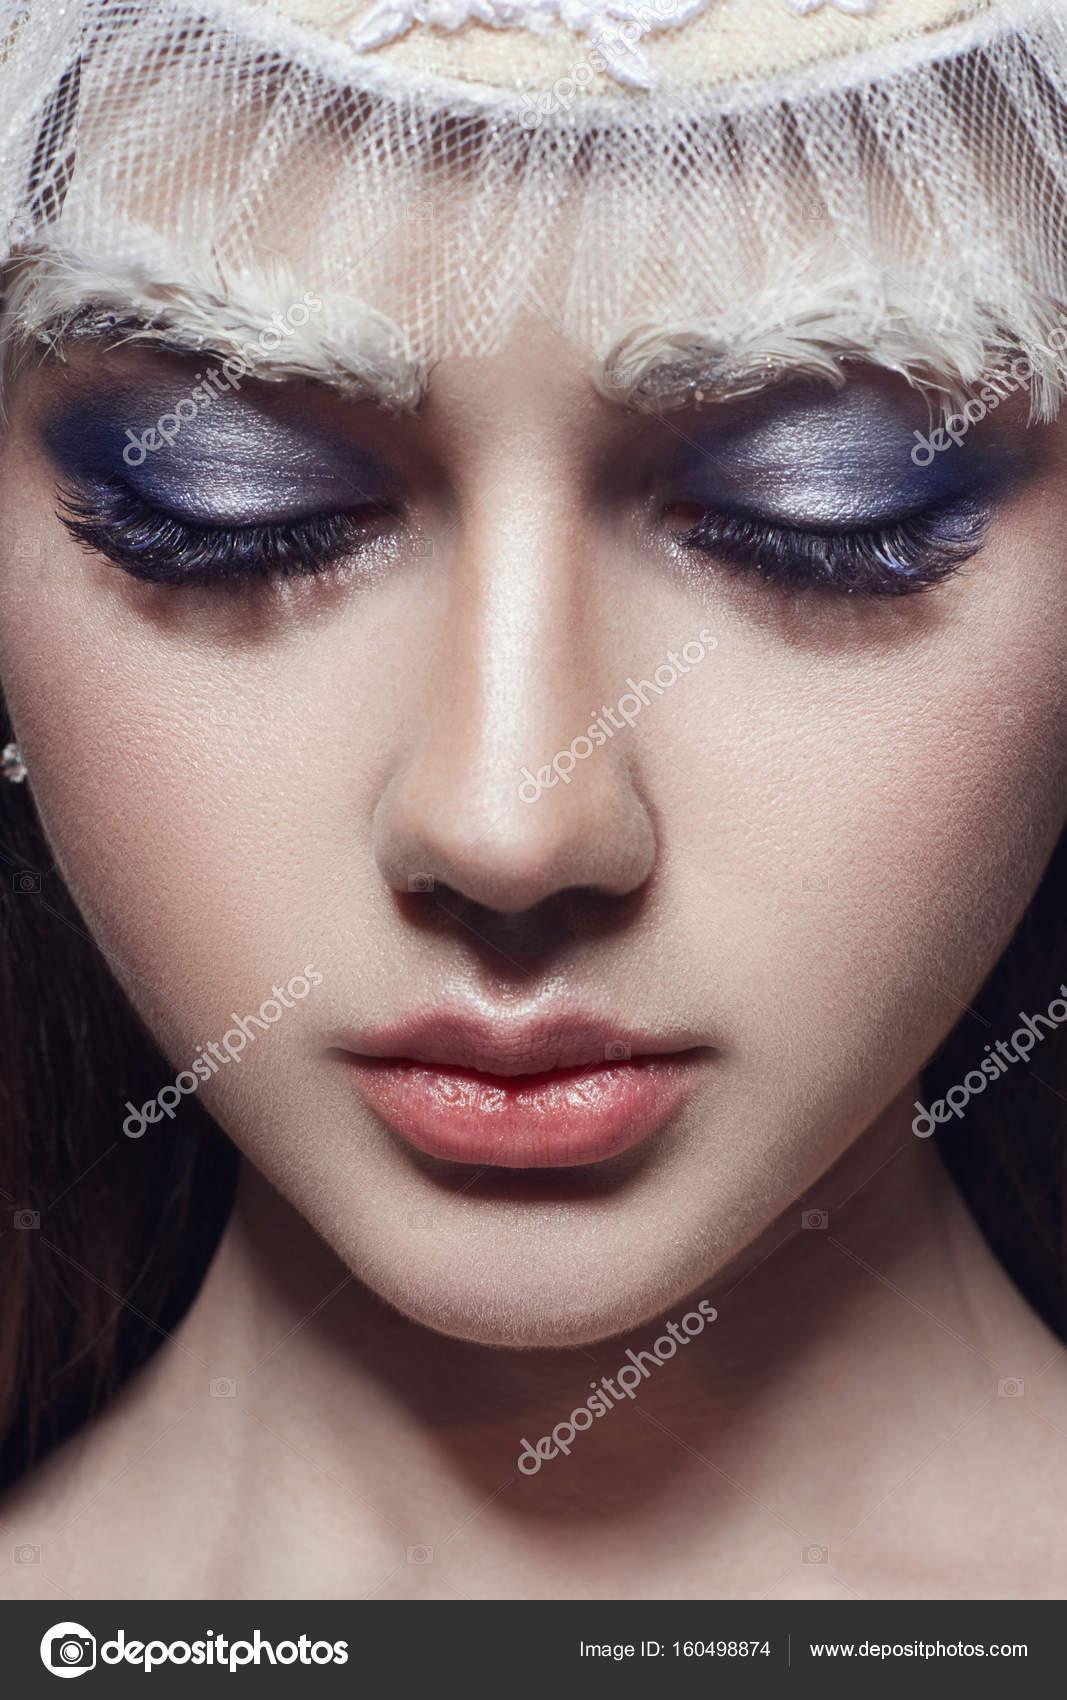 Kunst Schönheit Mädchen Porträt Wimpern Und Make Up Reine Haut